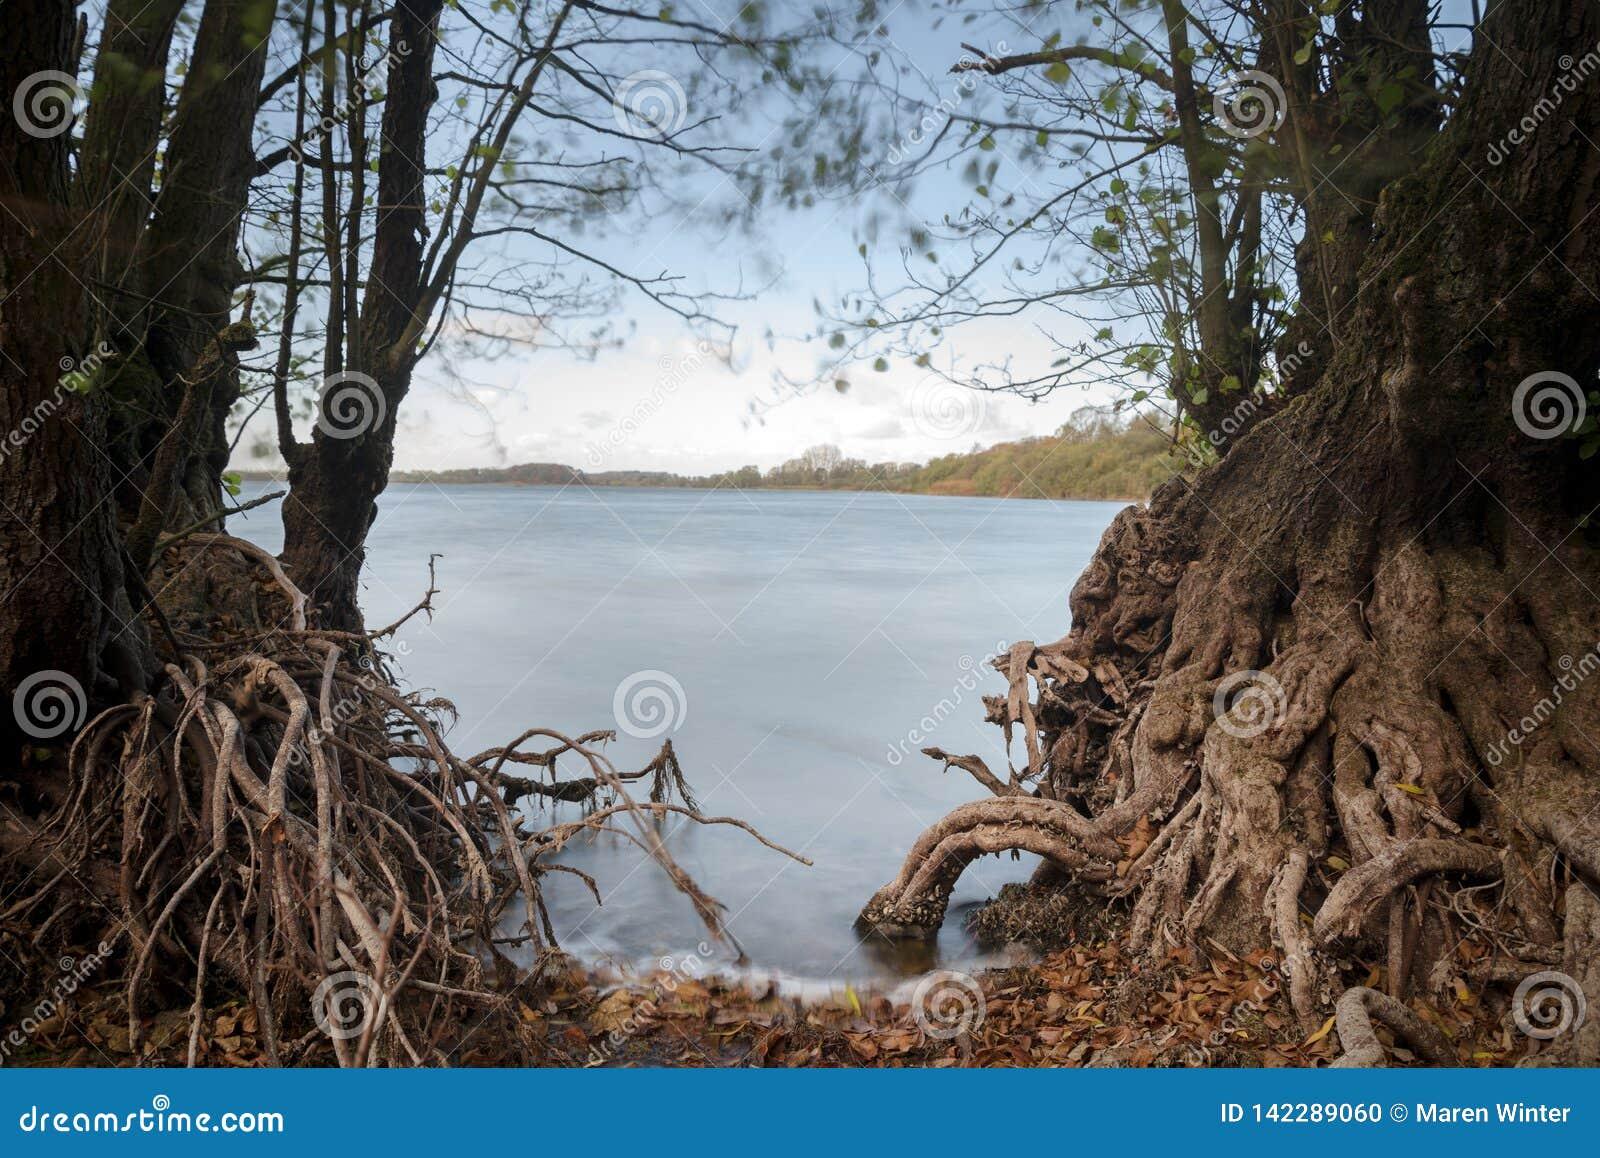 Racines nues des arbres d aulne sur le rivage de lac, l eau bleue lisse par exposition de long temps, l espace de copie